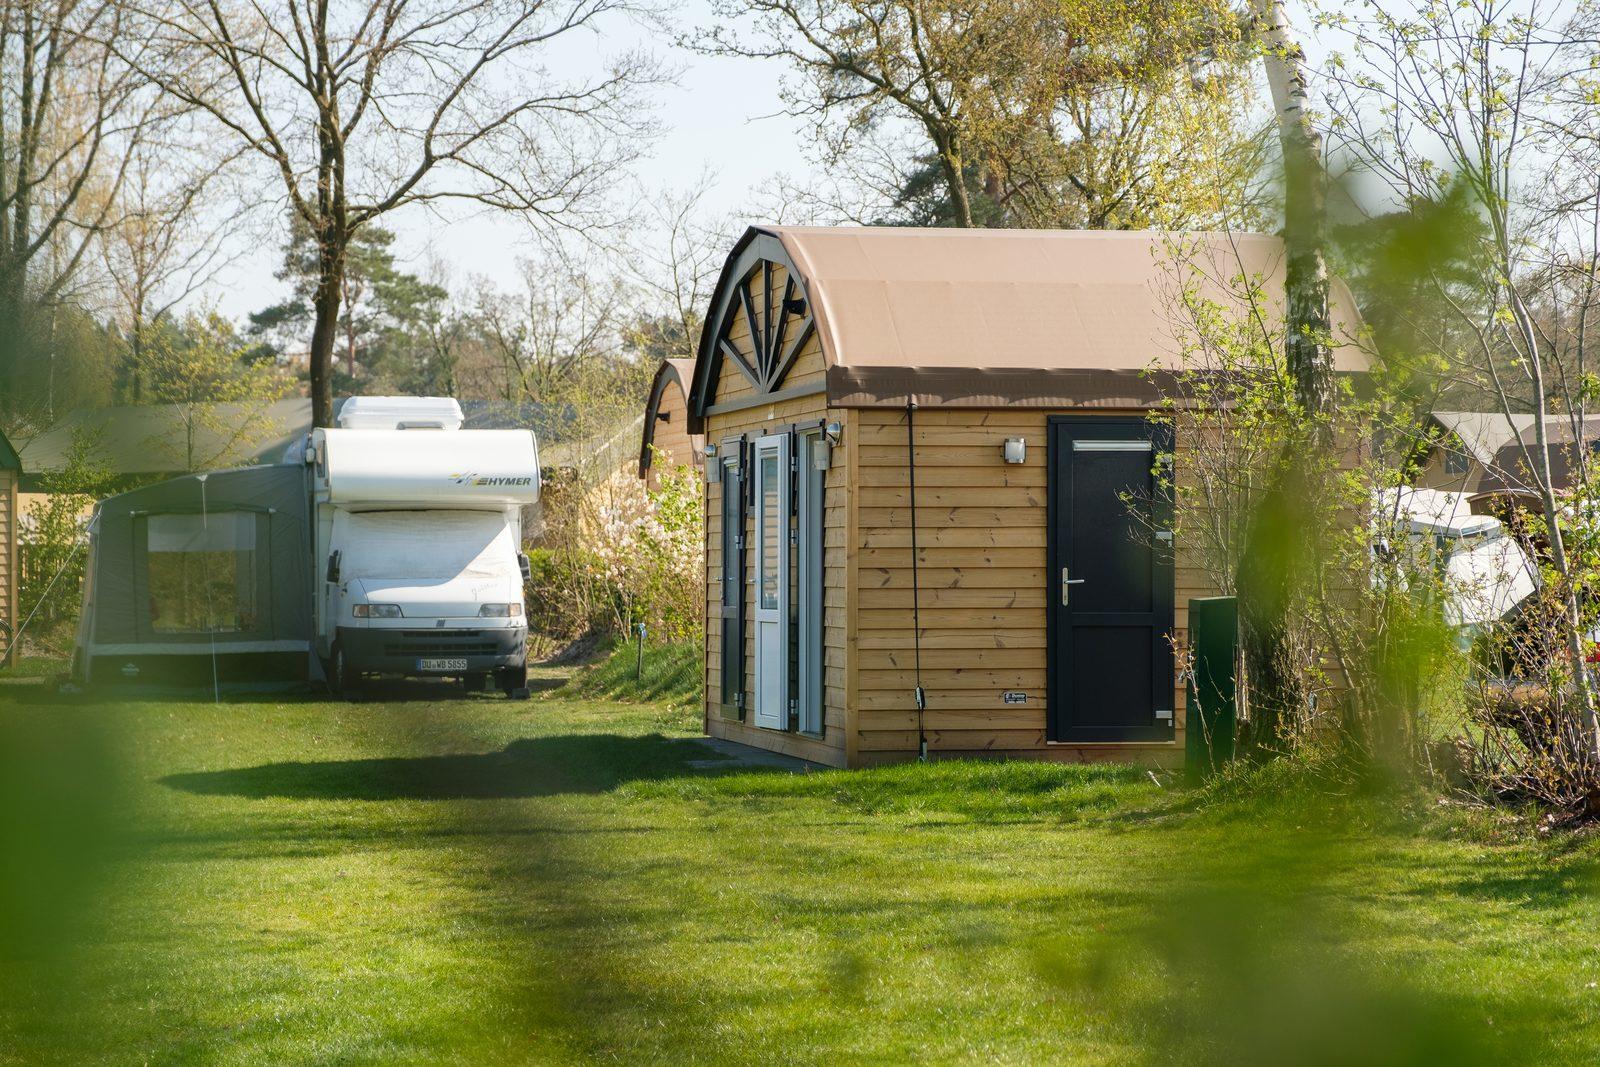 Camping mit Privatsanitäreinrichtung